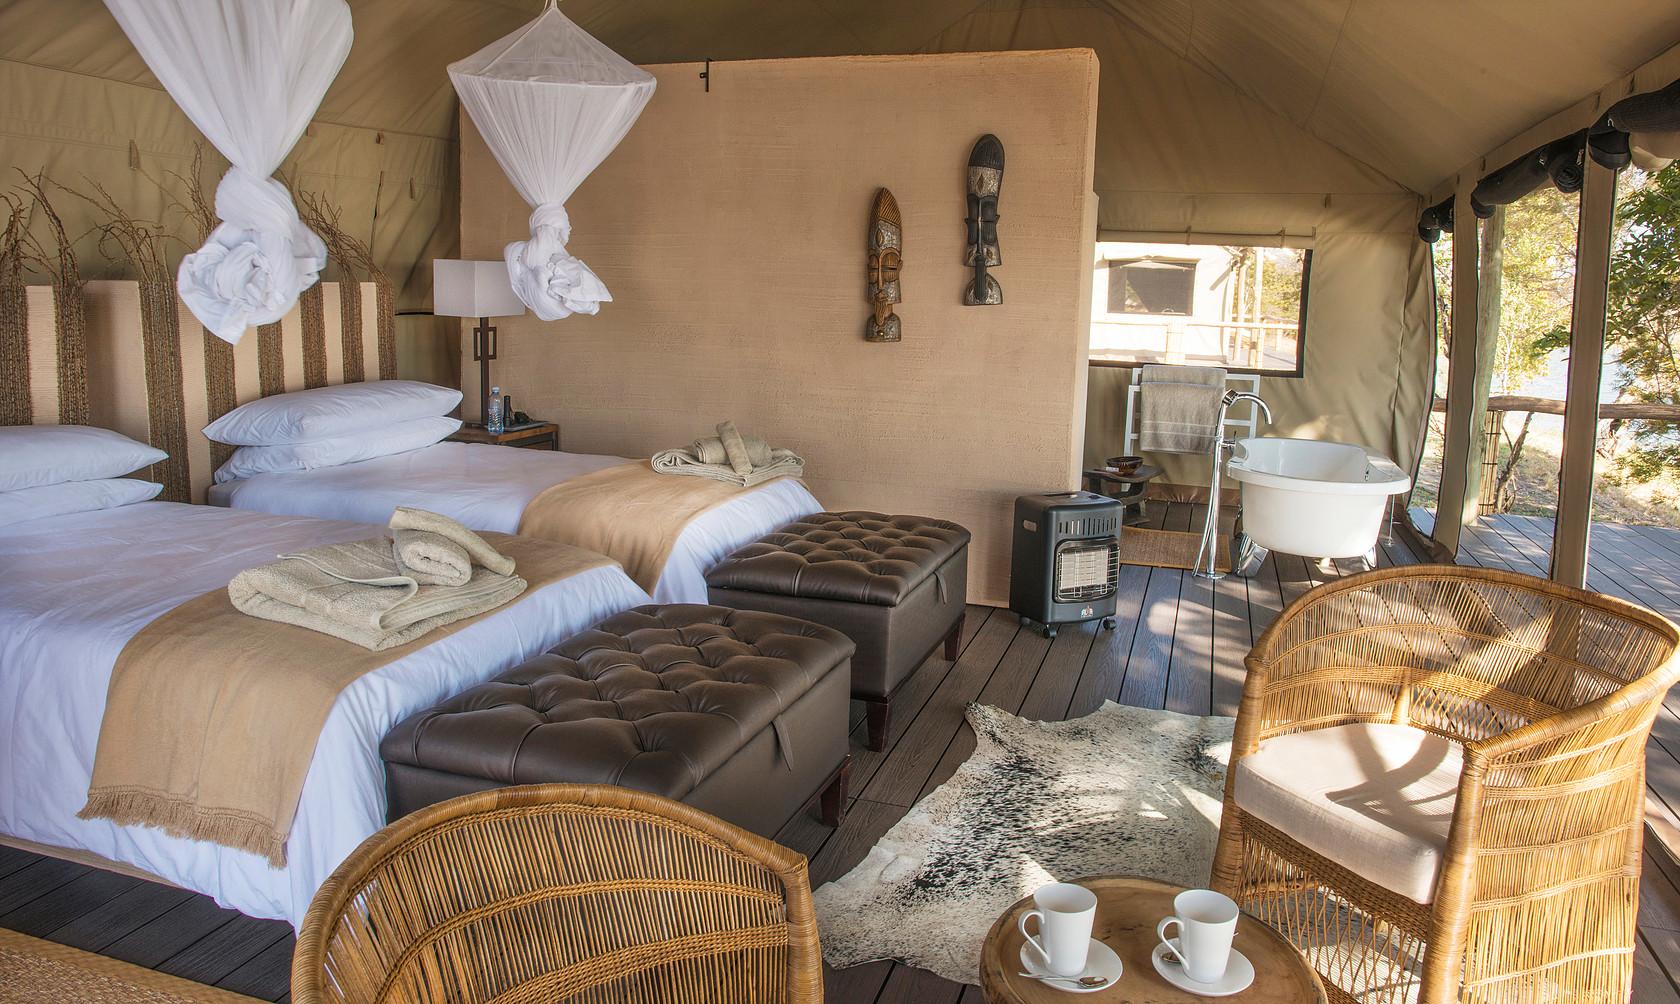 Nkala Luxury Tent